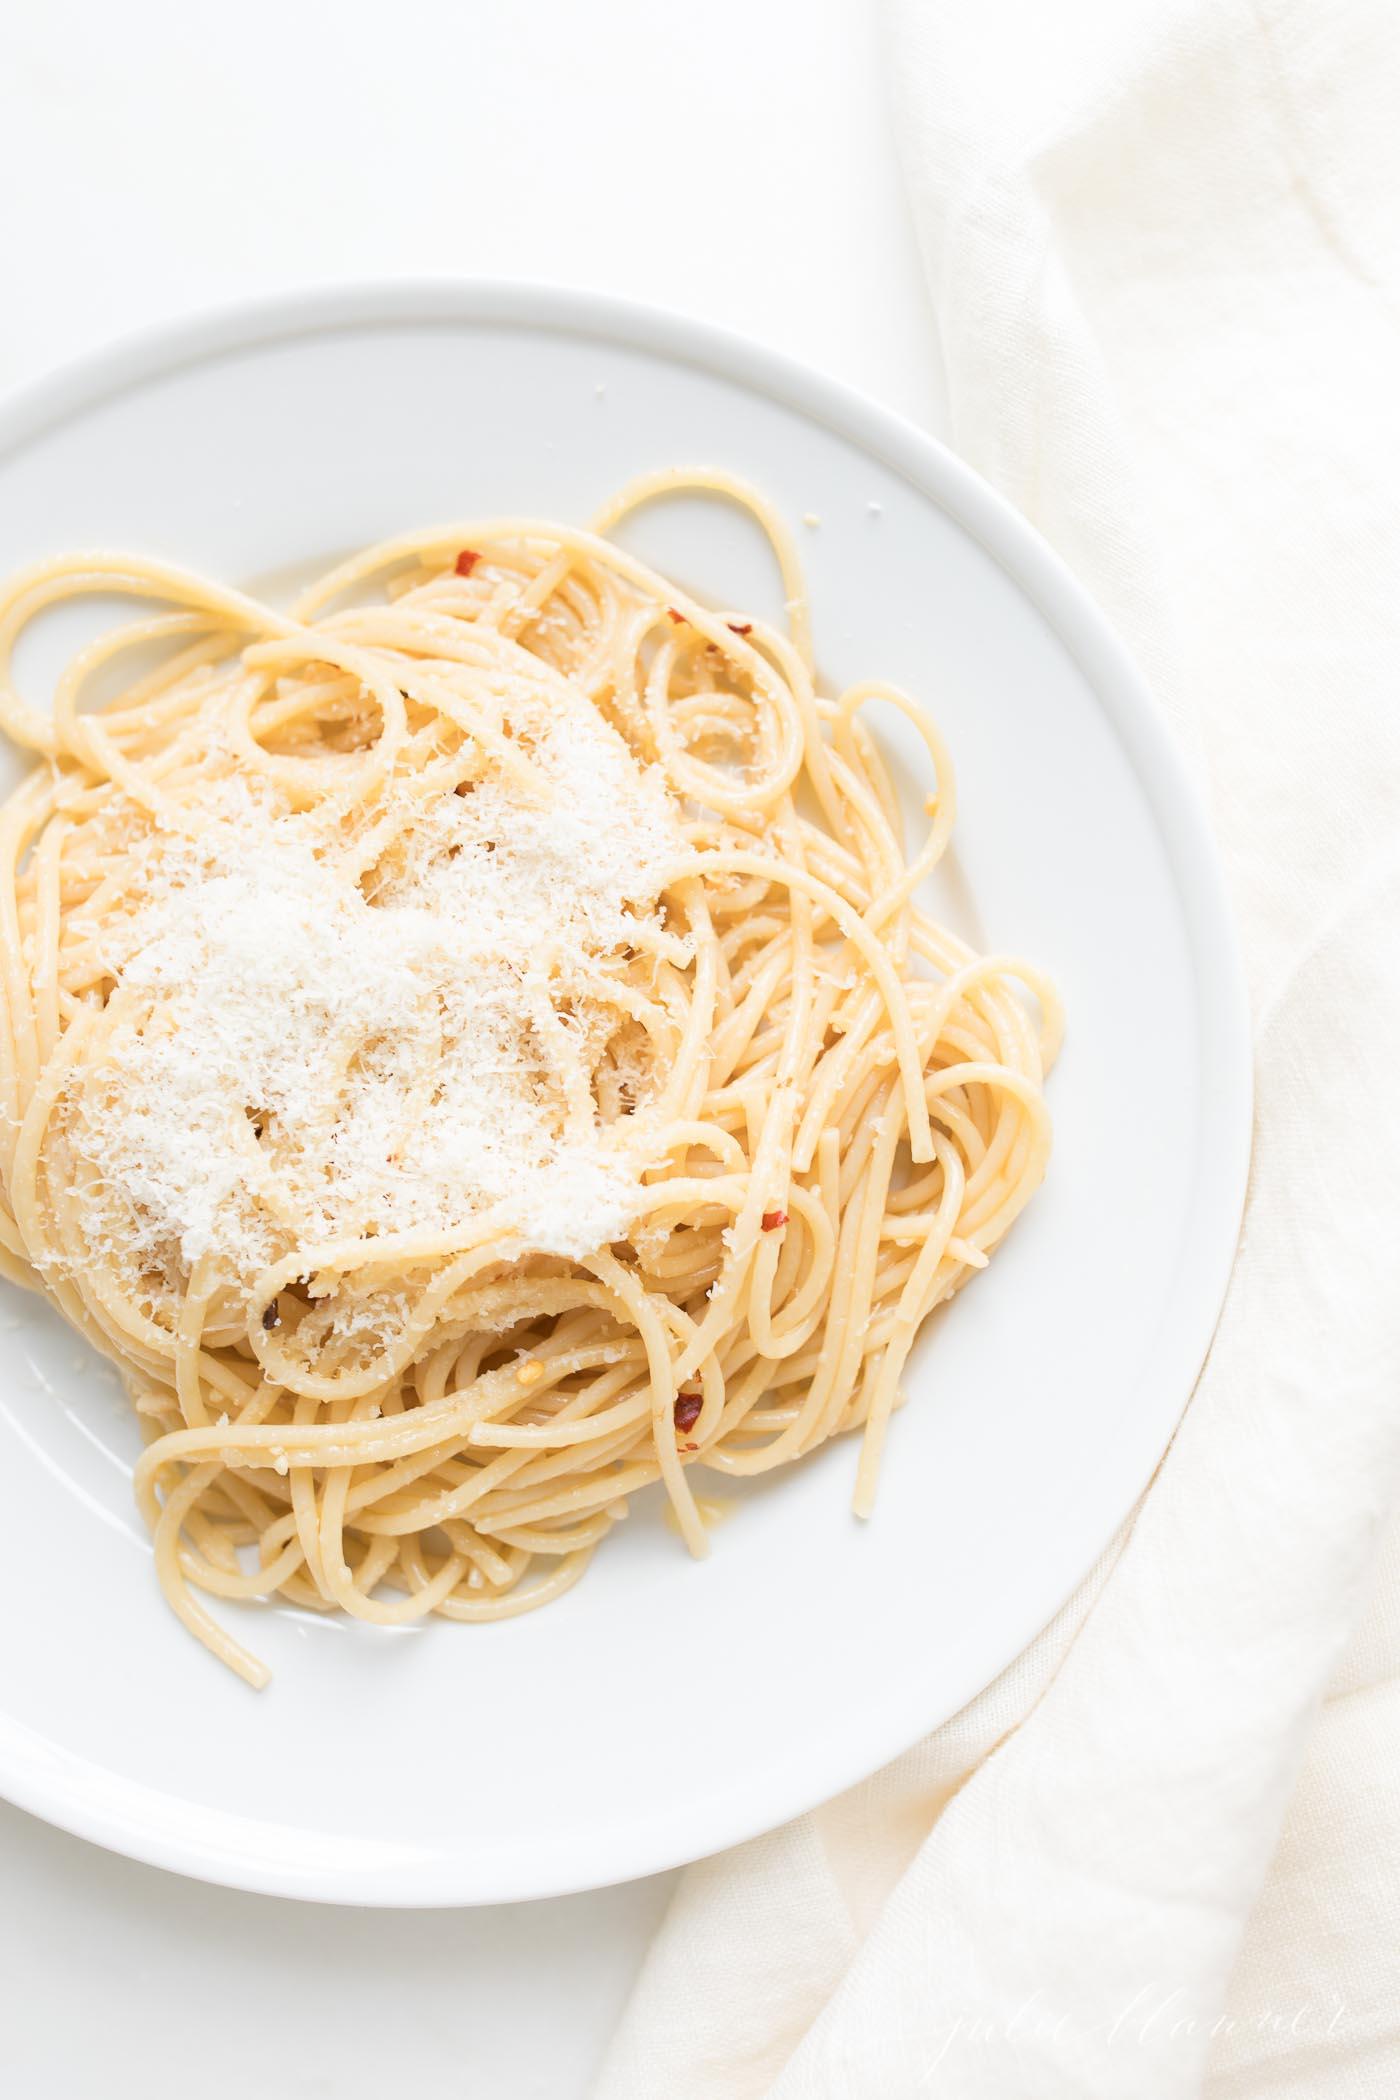 pasta aglio e olio on white plate